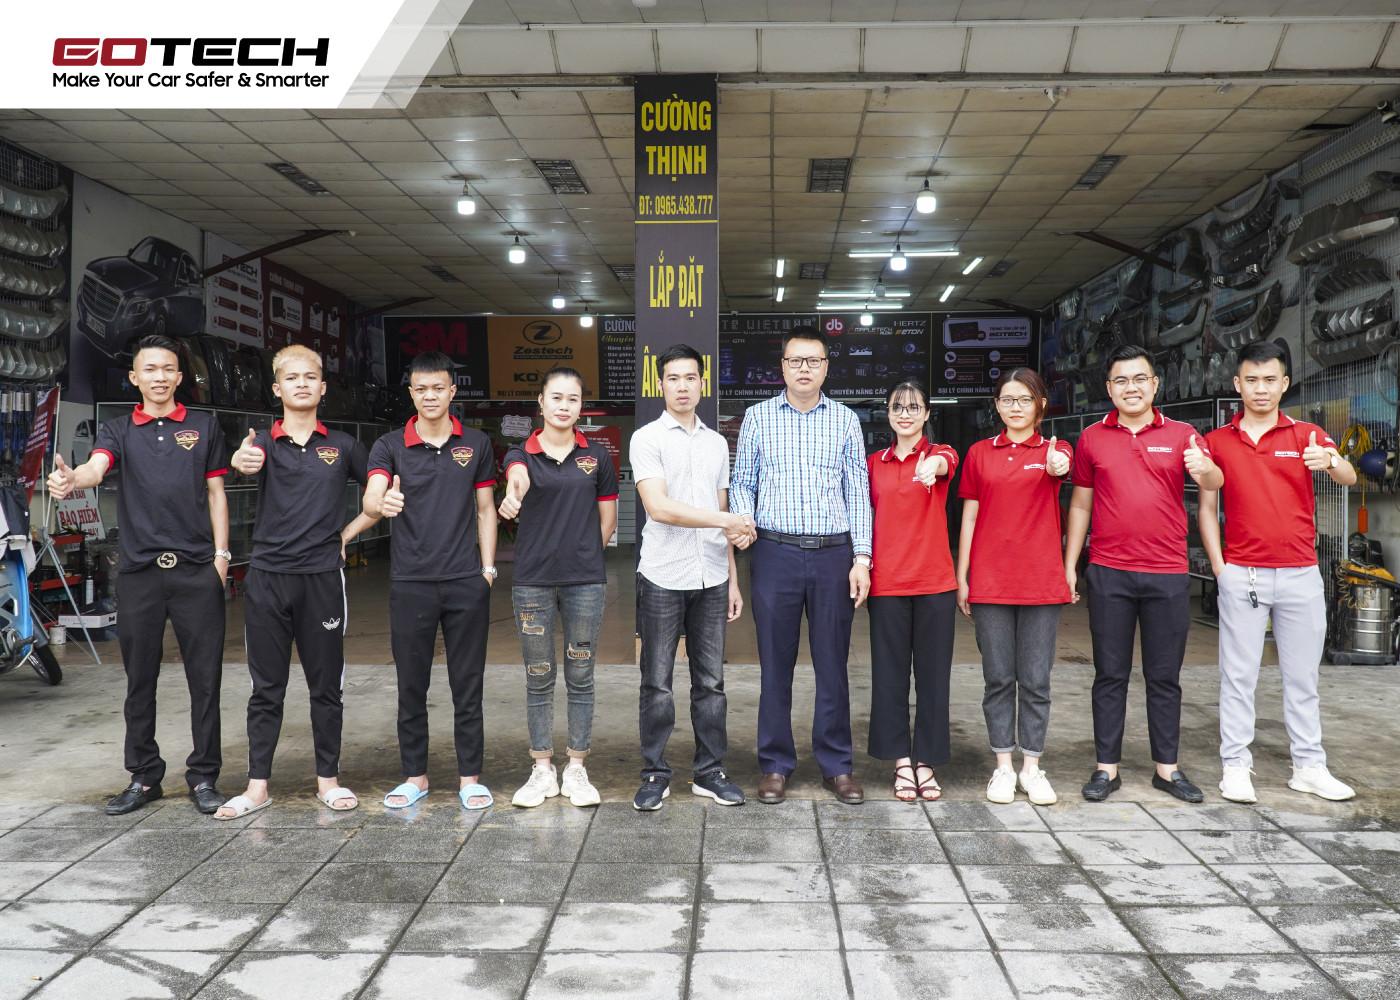 Nội thất ô tô Cường Thịnh trở thành đối tác mới của GOTECH ở Quảng Ninh.